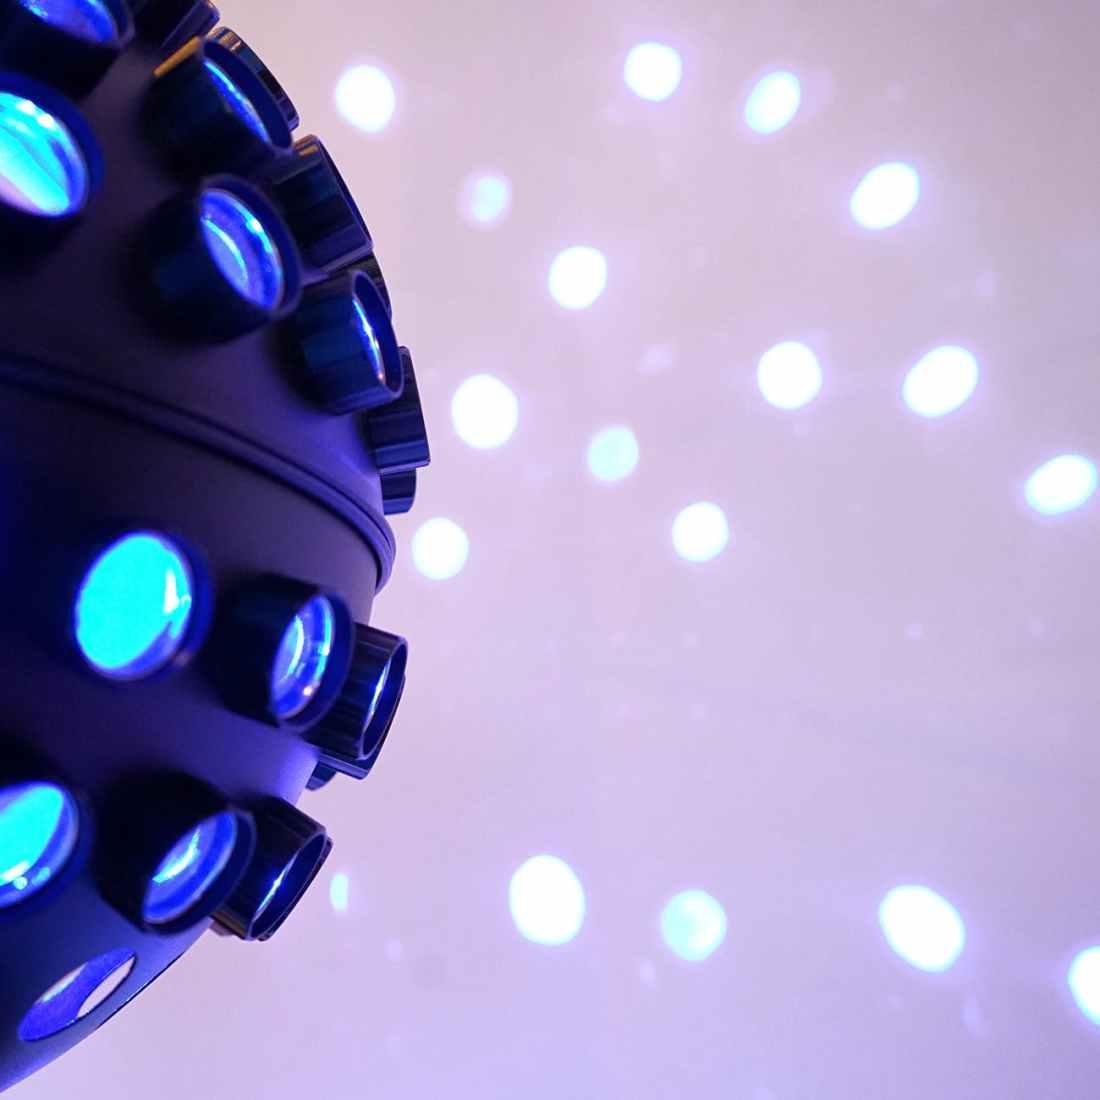 abstract art ball blue